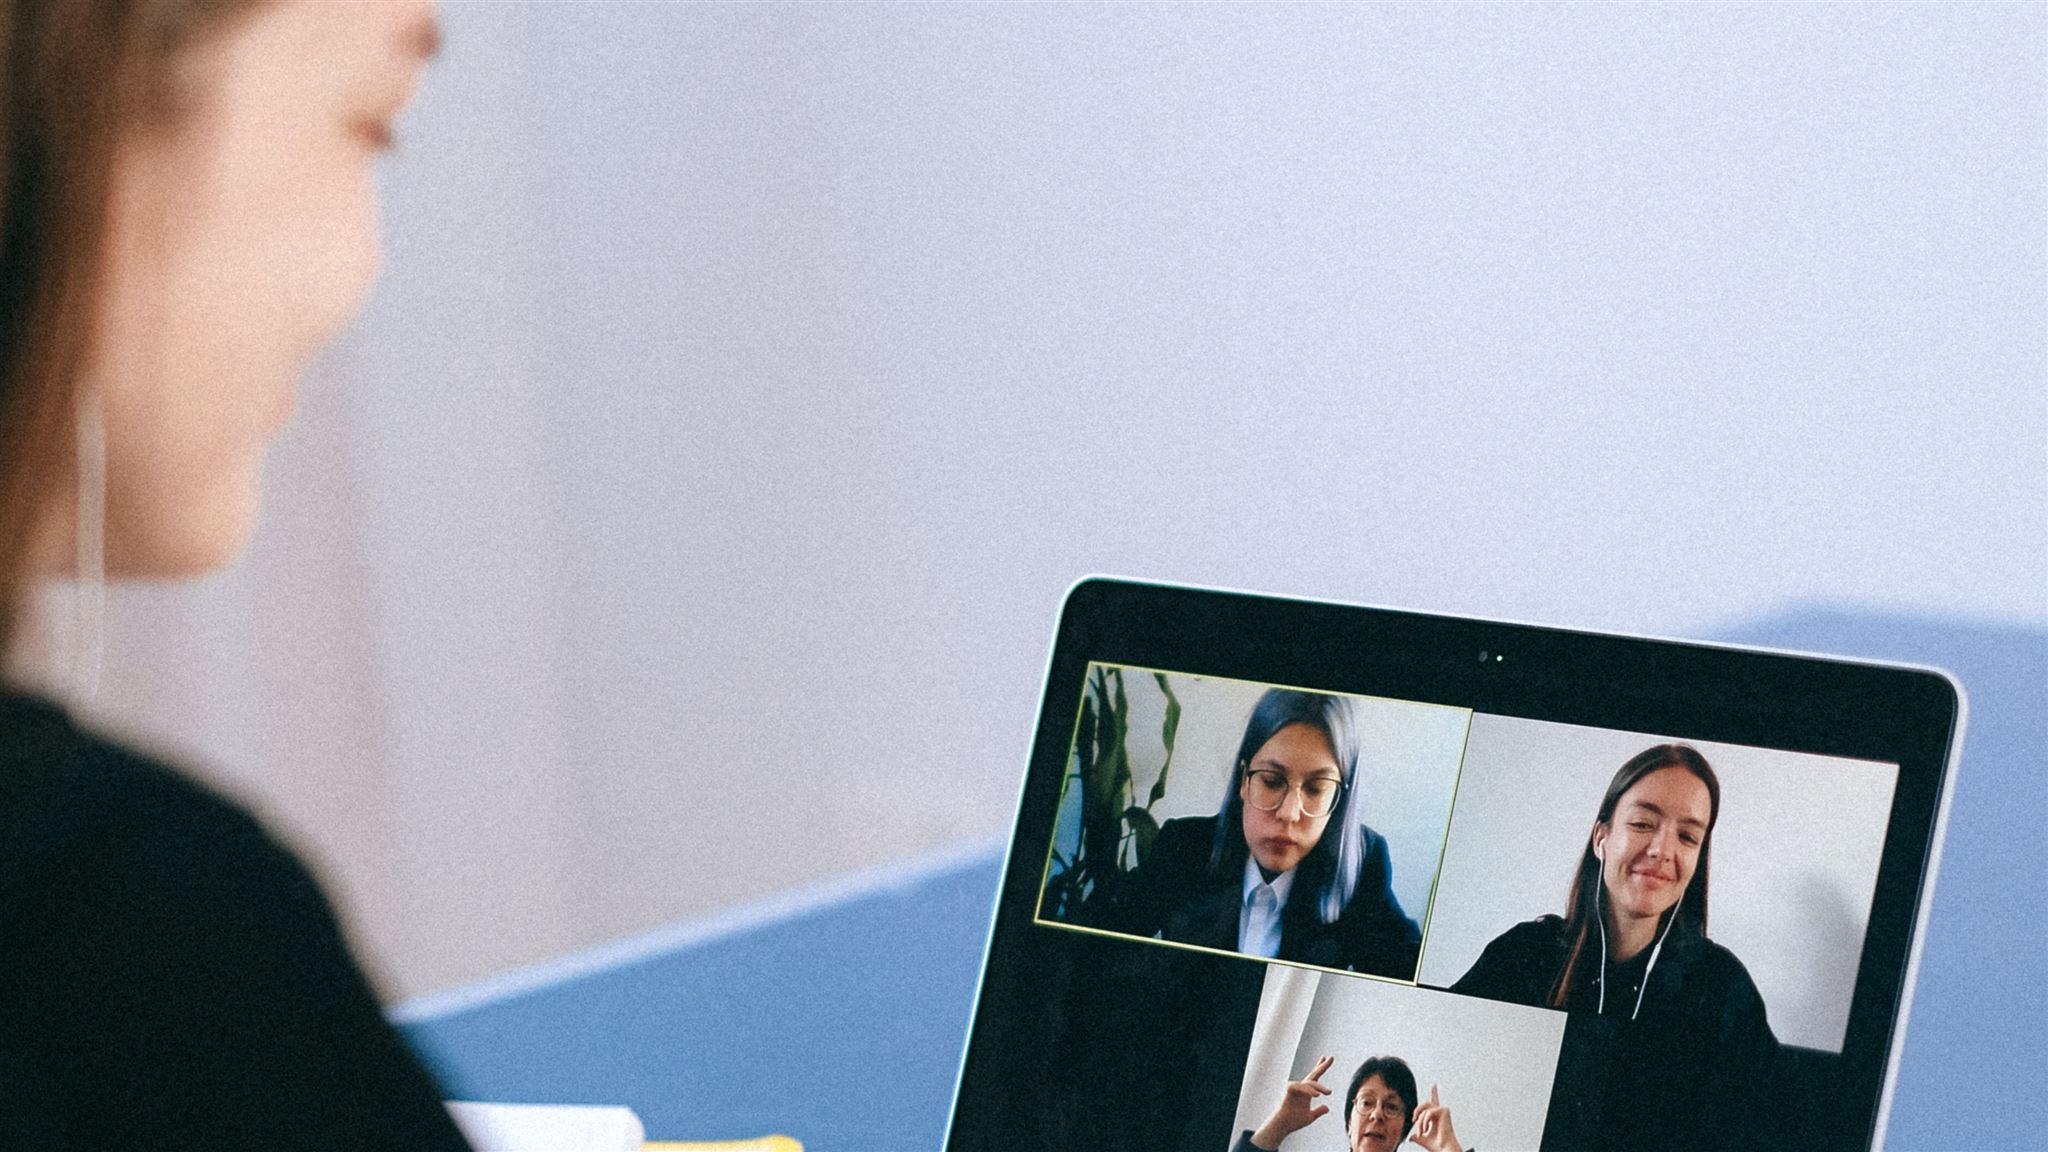 Kvinde arbejder online med møde